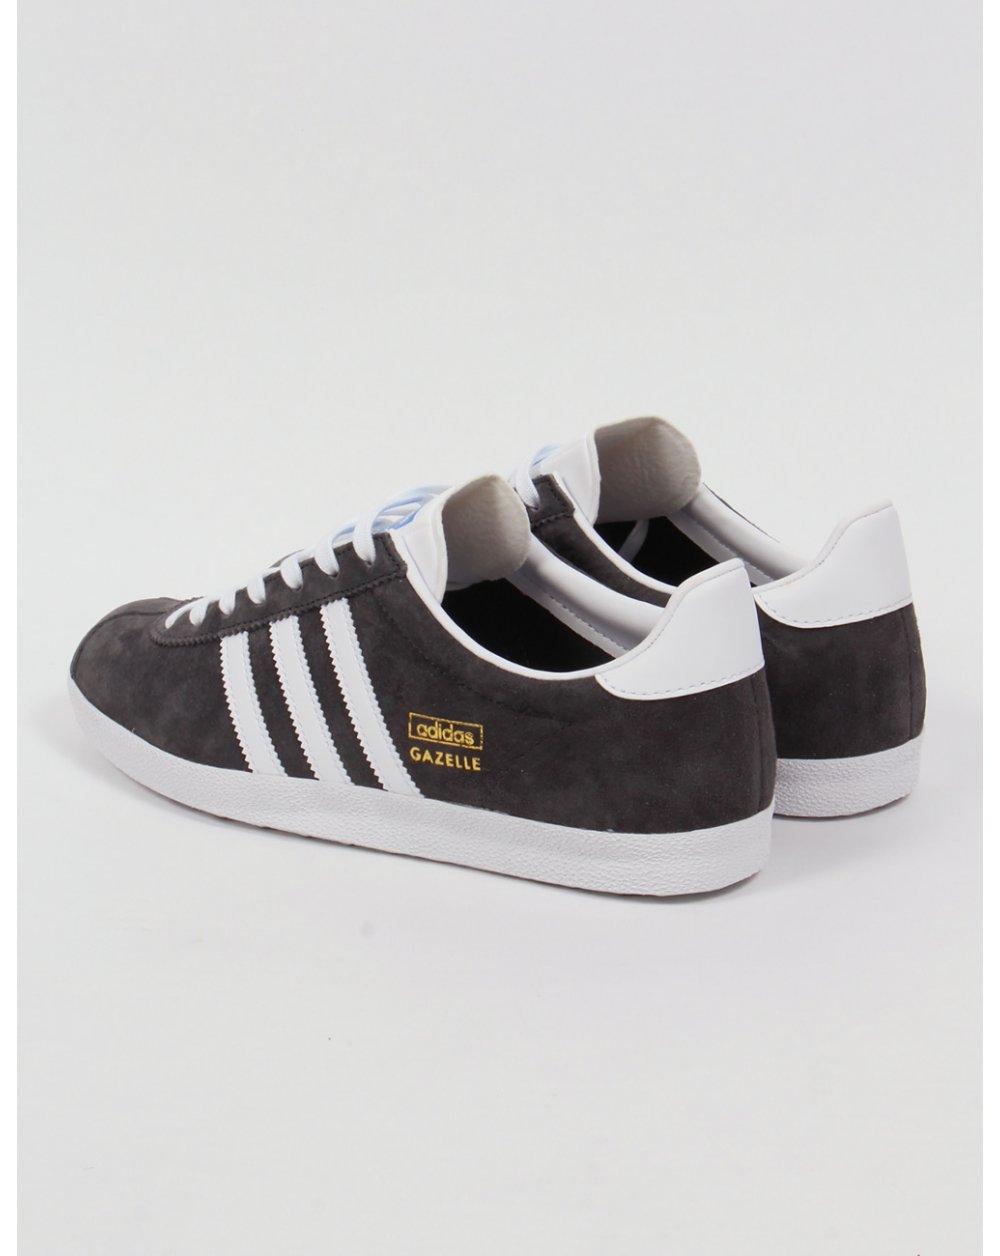 3a9623dfbd7233 Adidas Gazelle OG Trainers Dark Grey White